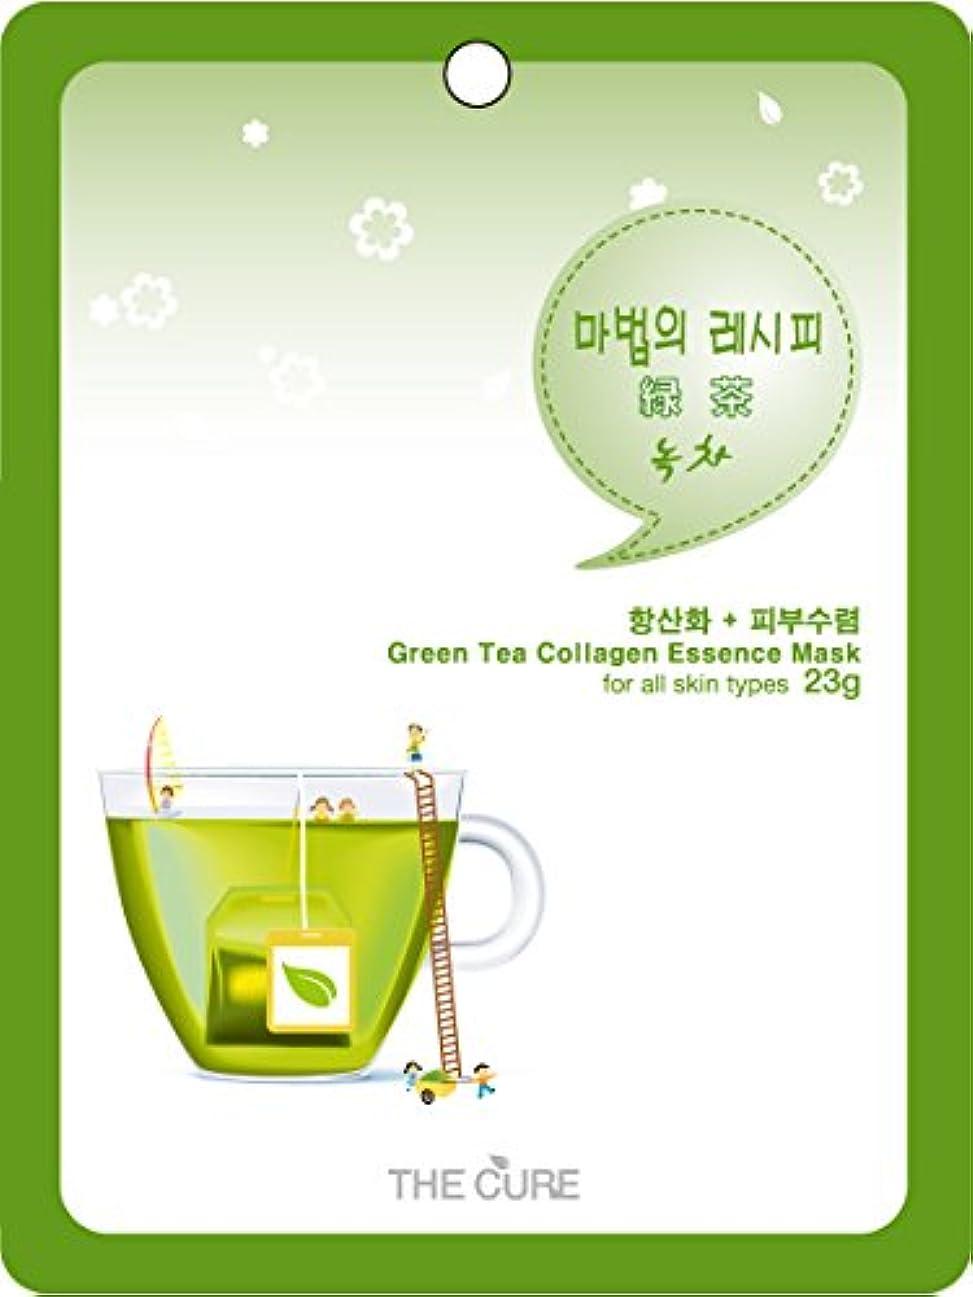 ラメ良心的不振緑茶 コラーゲン エッセンス マスク THE CURE シート パック 100枚セット 韓国 コスメ 乾燥肌 オイリー肌 混合肌